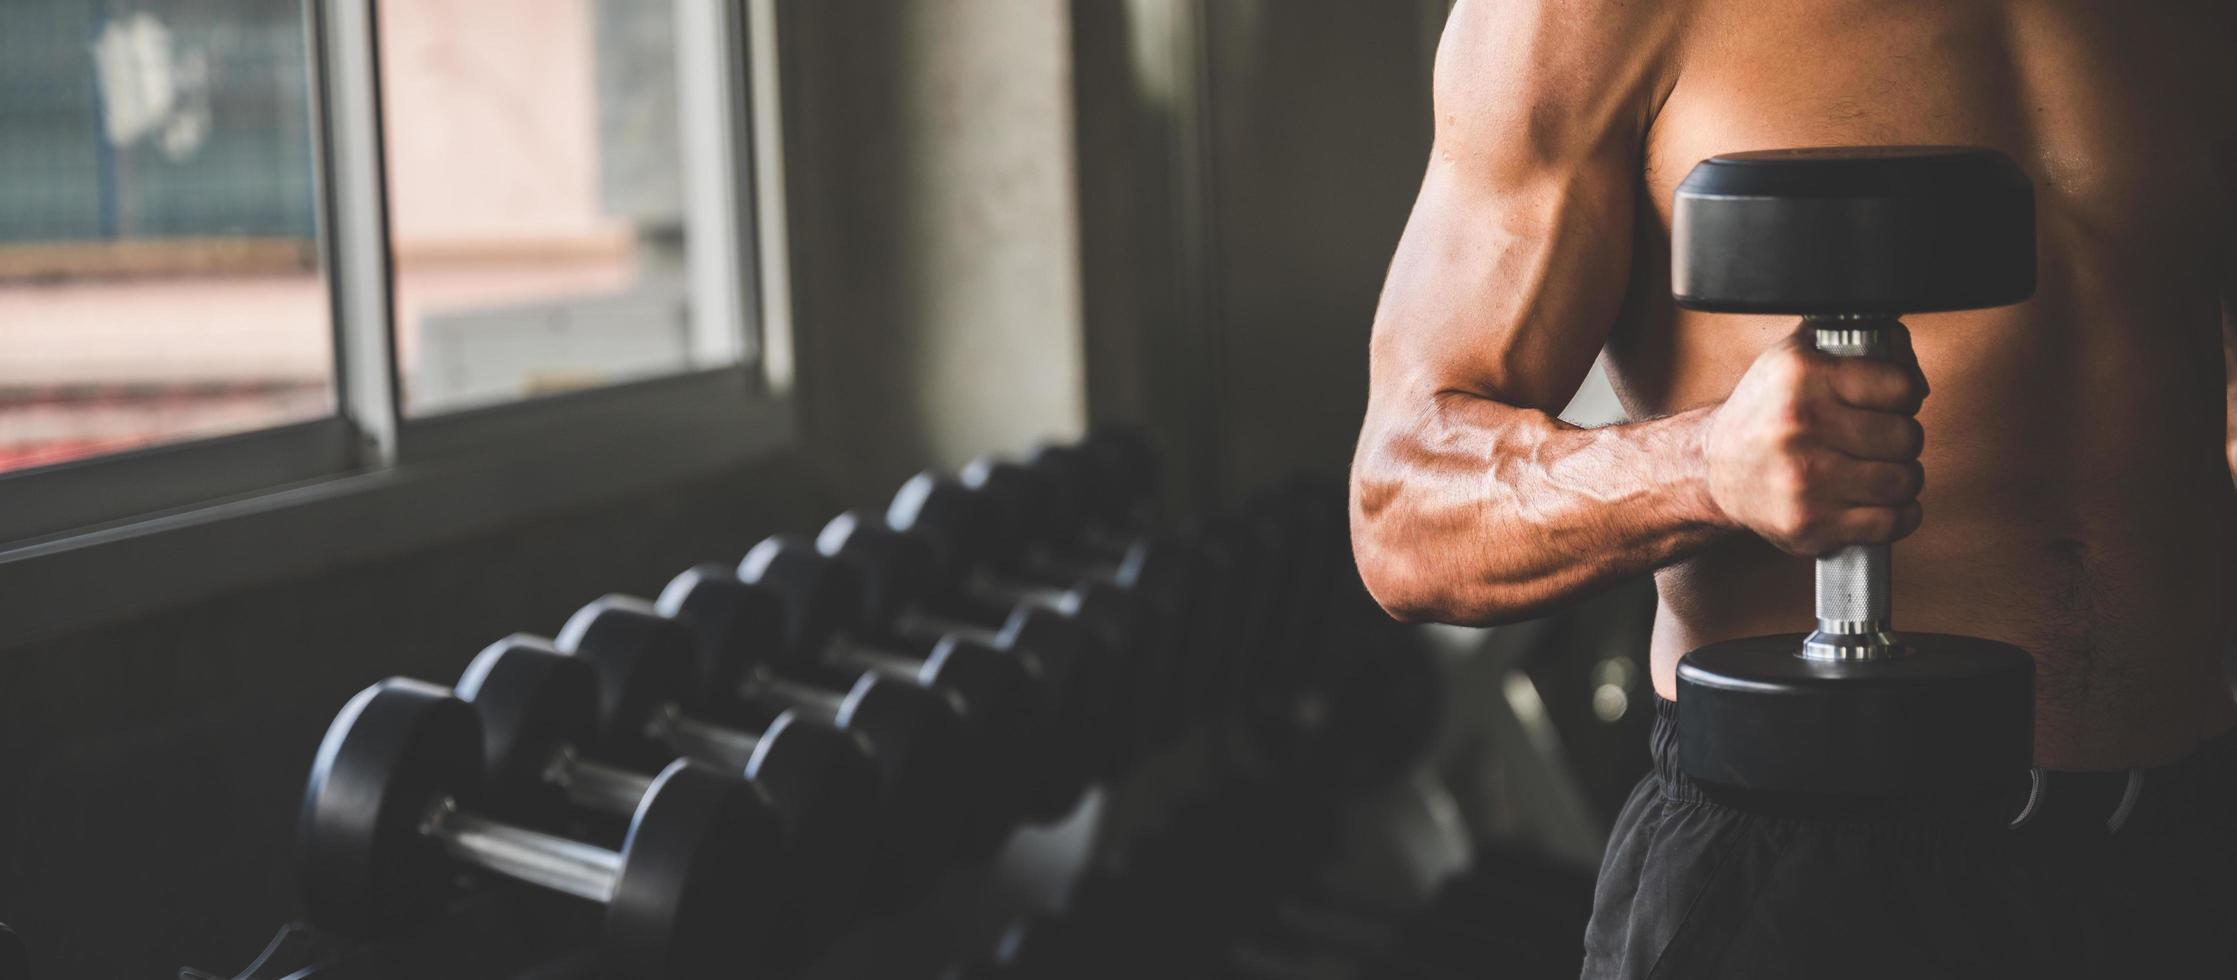 Hombre sujetando una pesa en un gimnasio con una fila de pesas en el fondo foto